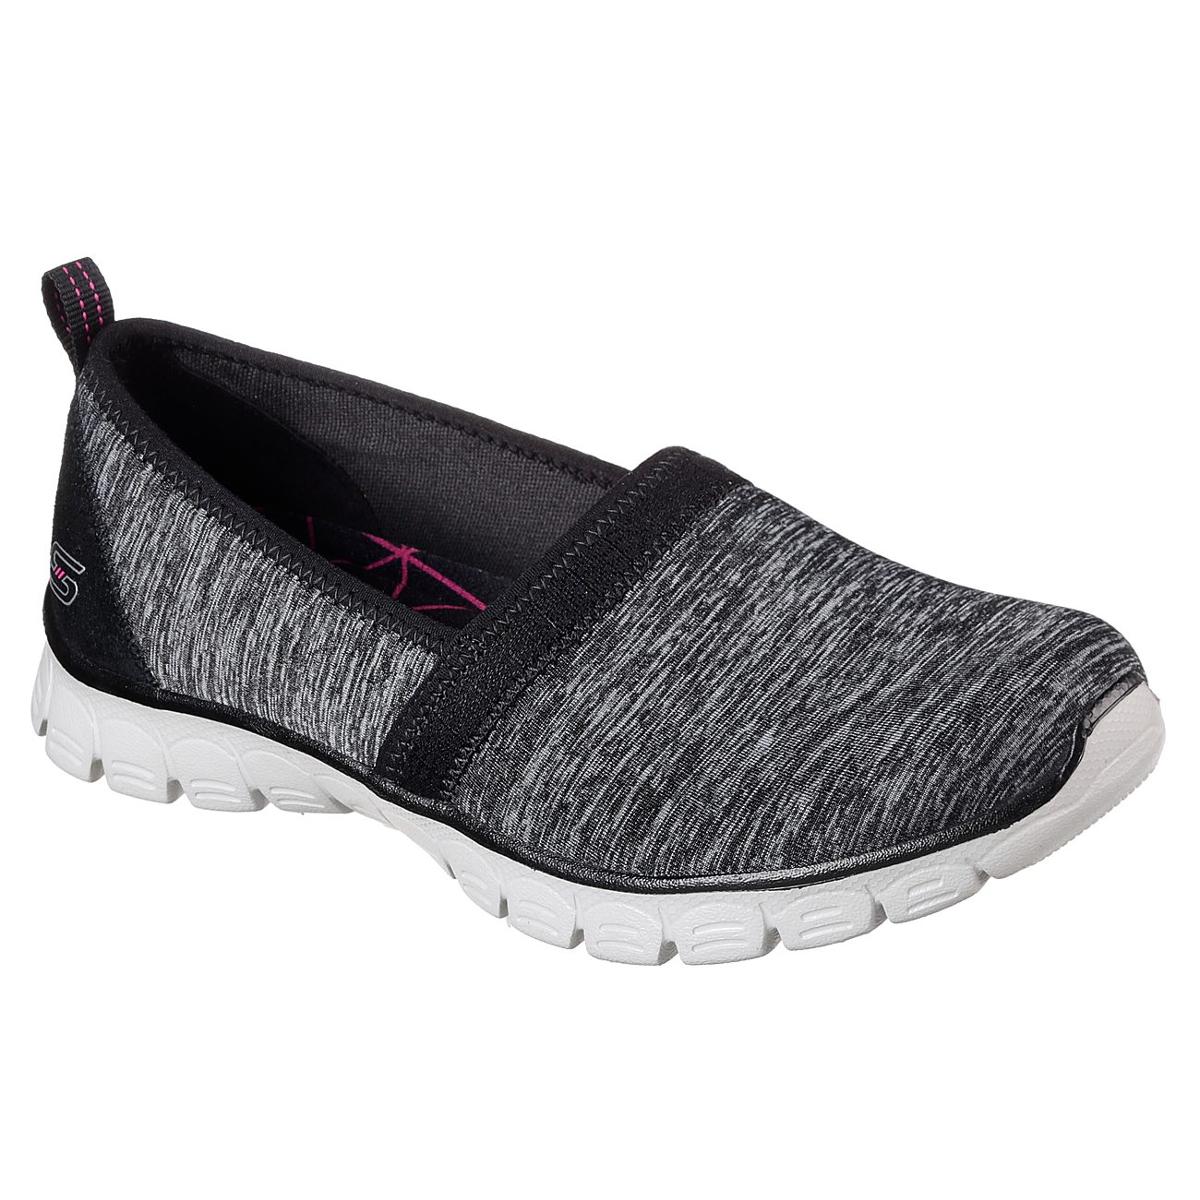 Skechers Women's Ez Flex 3.0 - Swift Motion Casual Slip-On Shoes - Black, 7